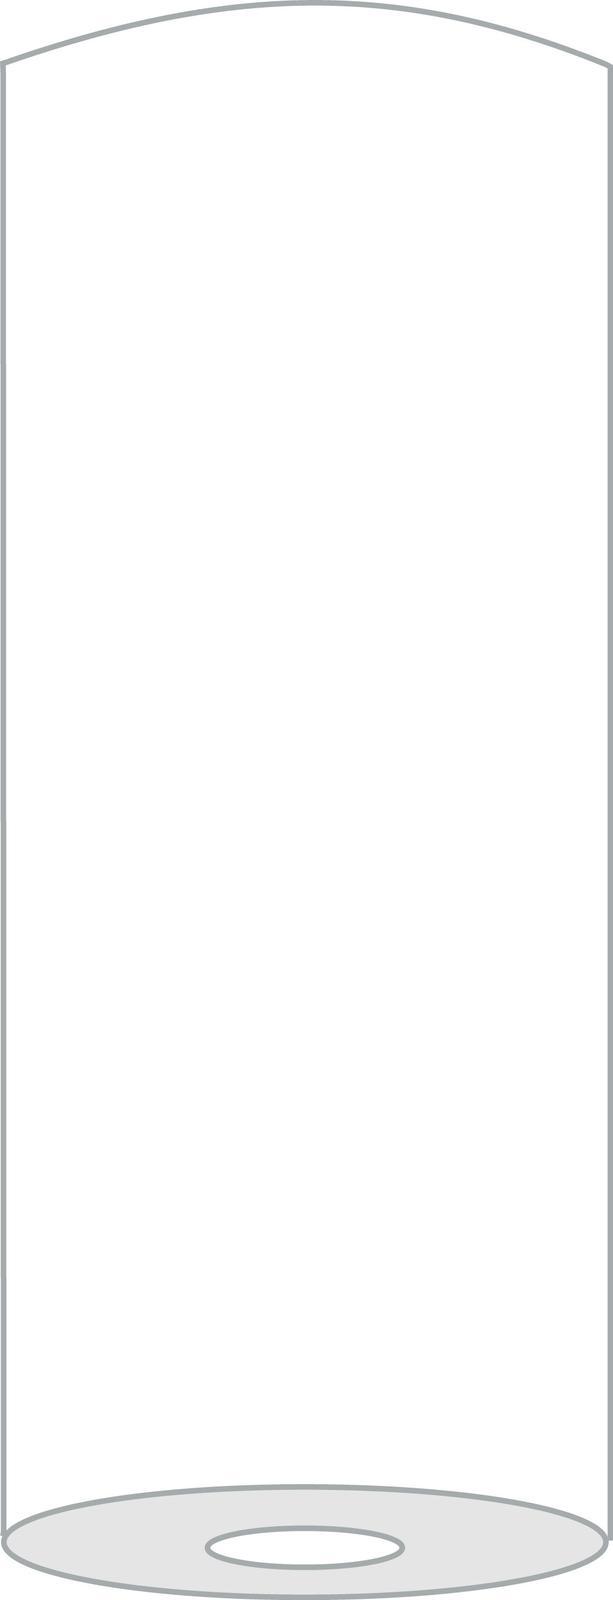 Šerpy jednofarebné zn. Mank - rôzne farby - Obrázok č. 2